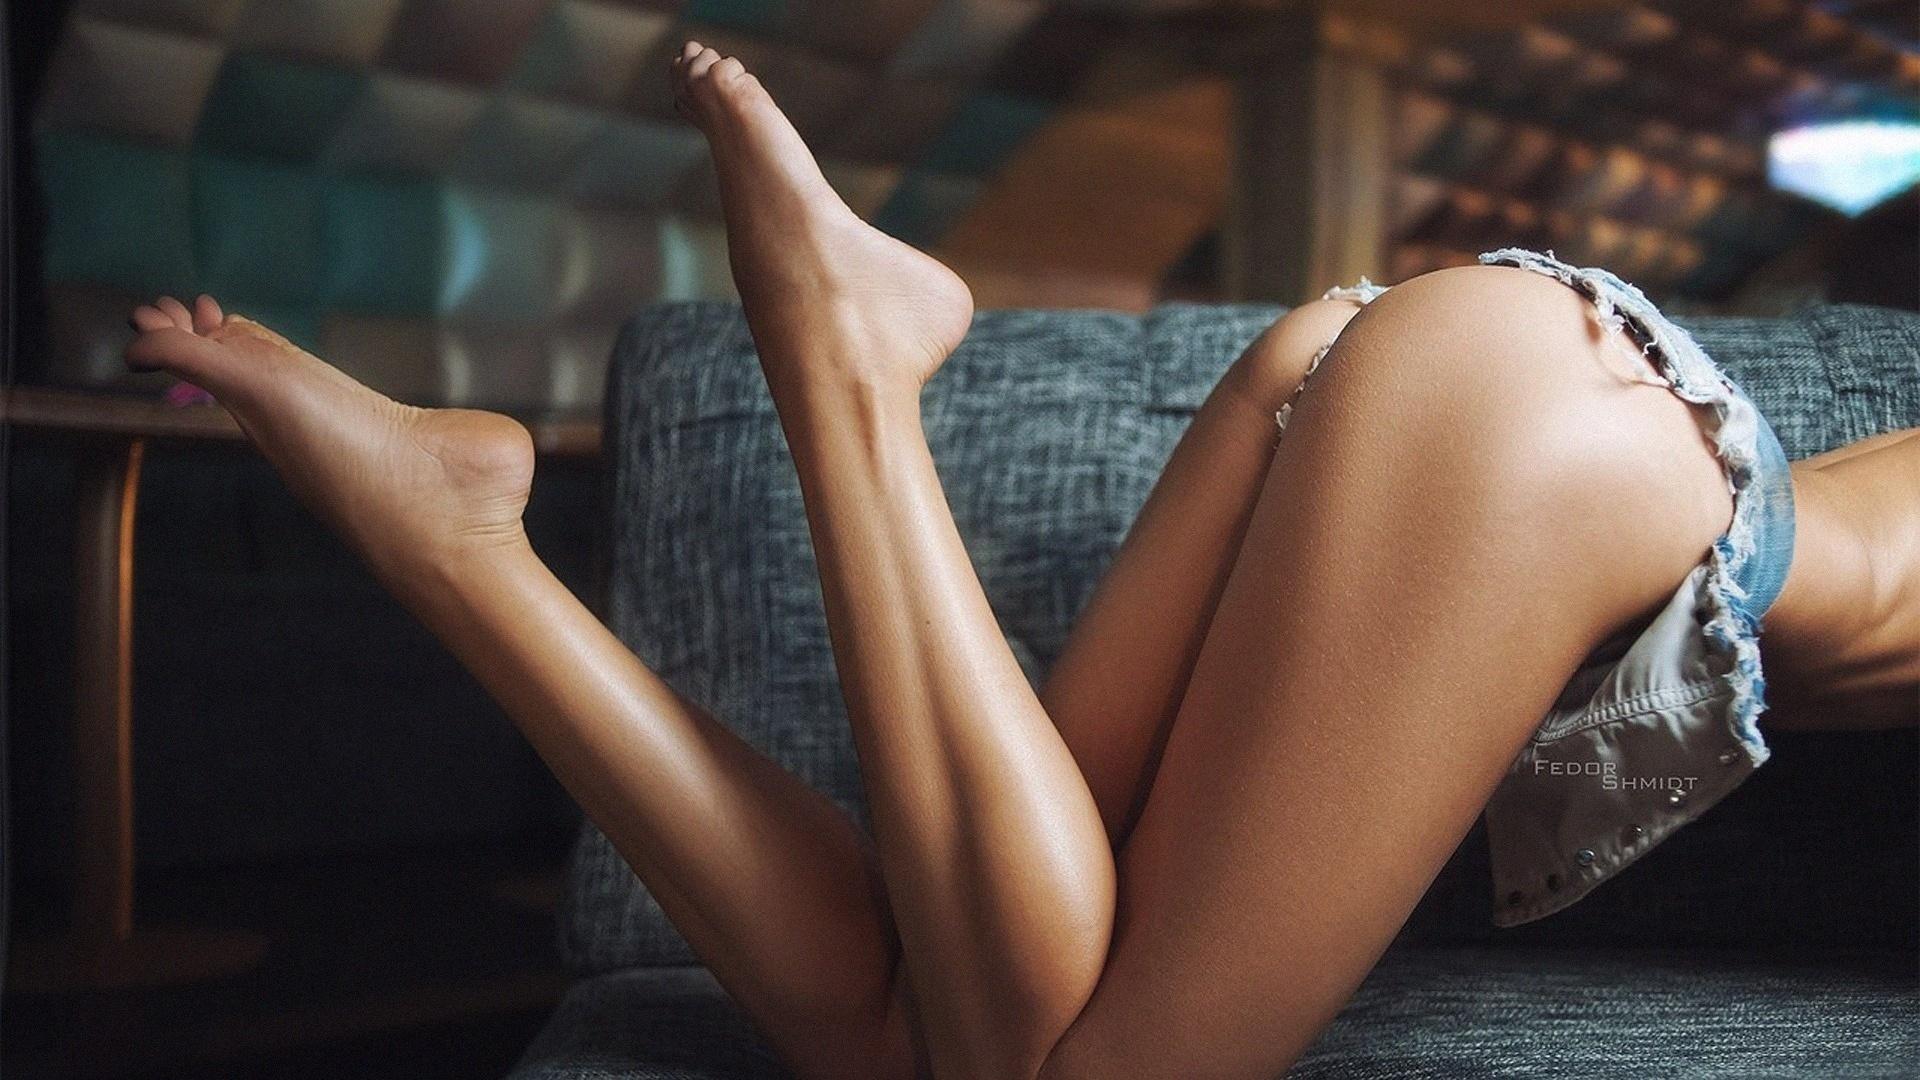 Стройные ножки гимнастка фото 3 фотография